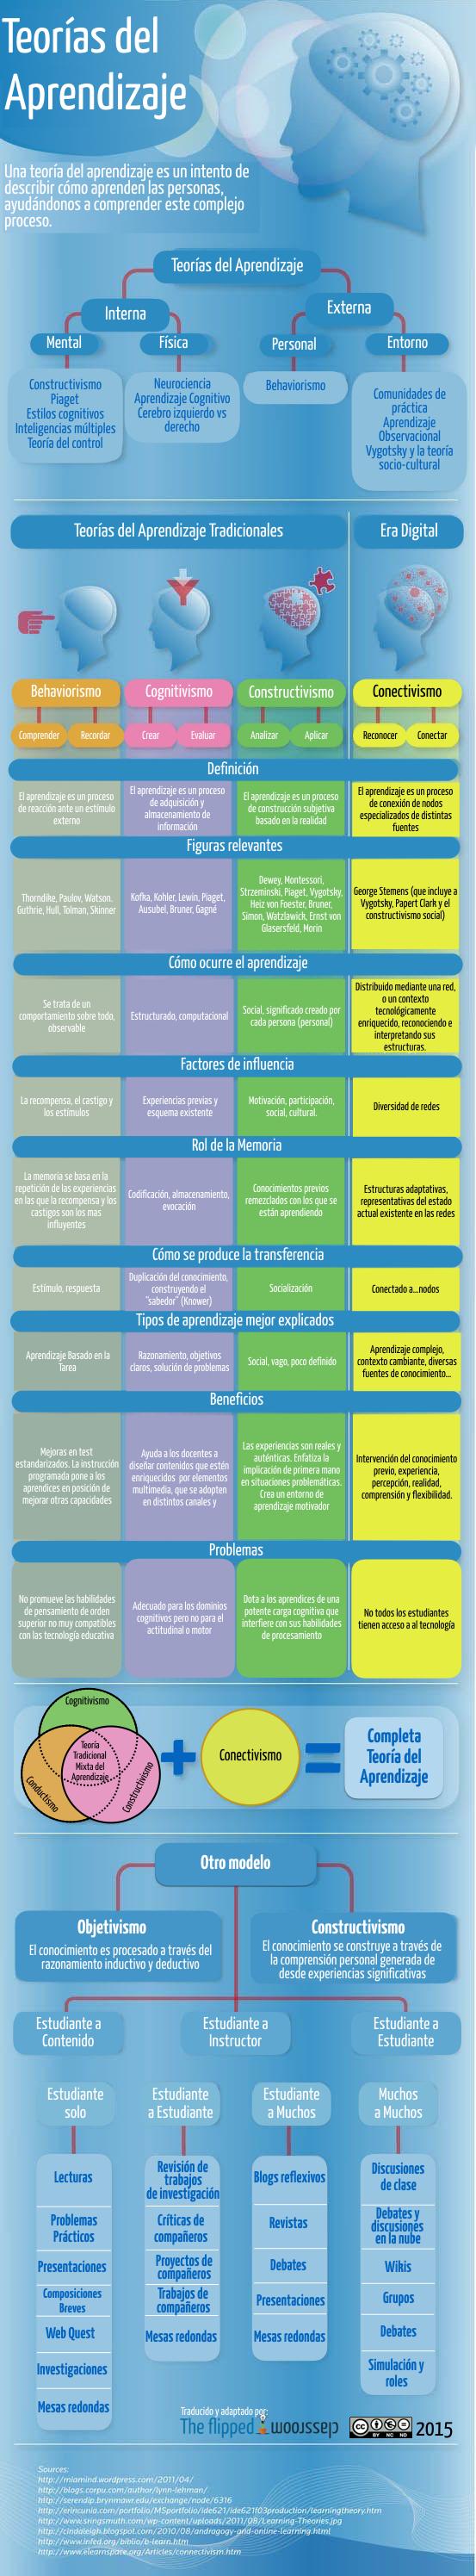 Teorías del aprendizaje